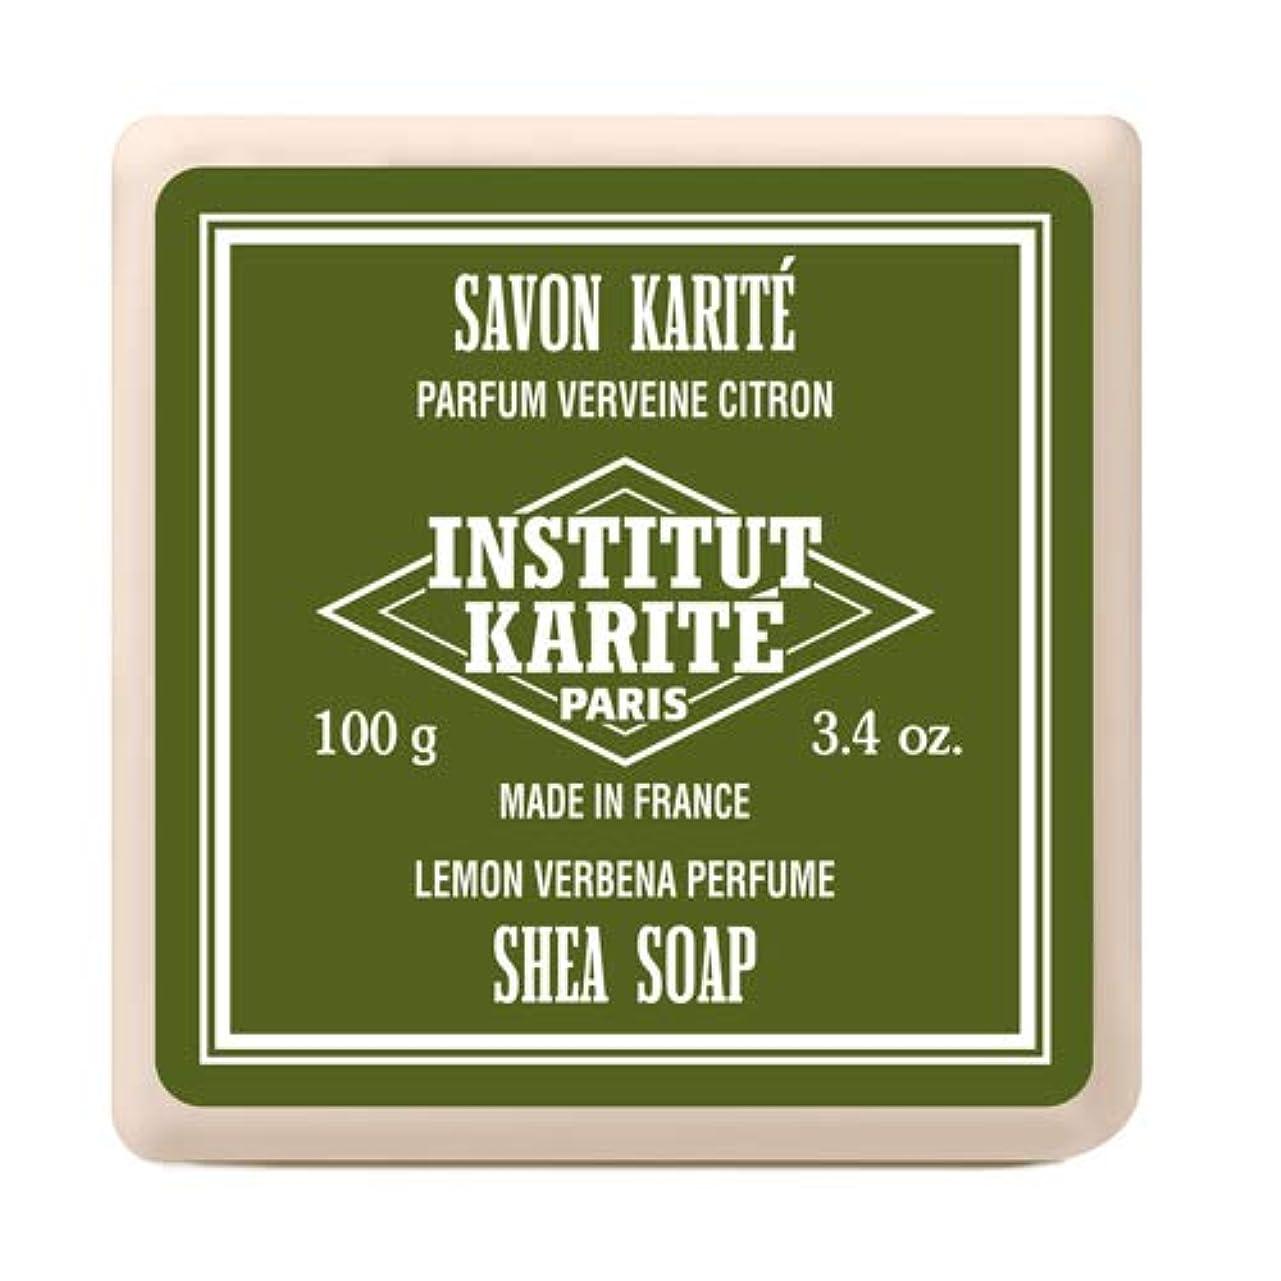 引き受ける超越する引き受けるインスティテュート?カリテ(INSTITUT KARITE) INSTITUT KARITE インスティテュート カリテ Shea Wrapped Soap シアソープ 100g Lemon Vervena レモンバーベナ